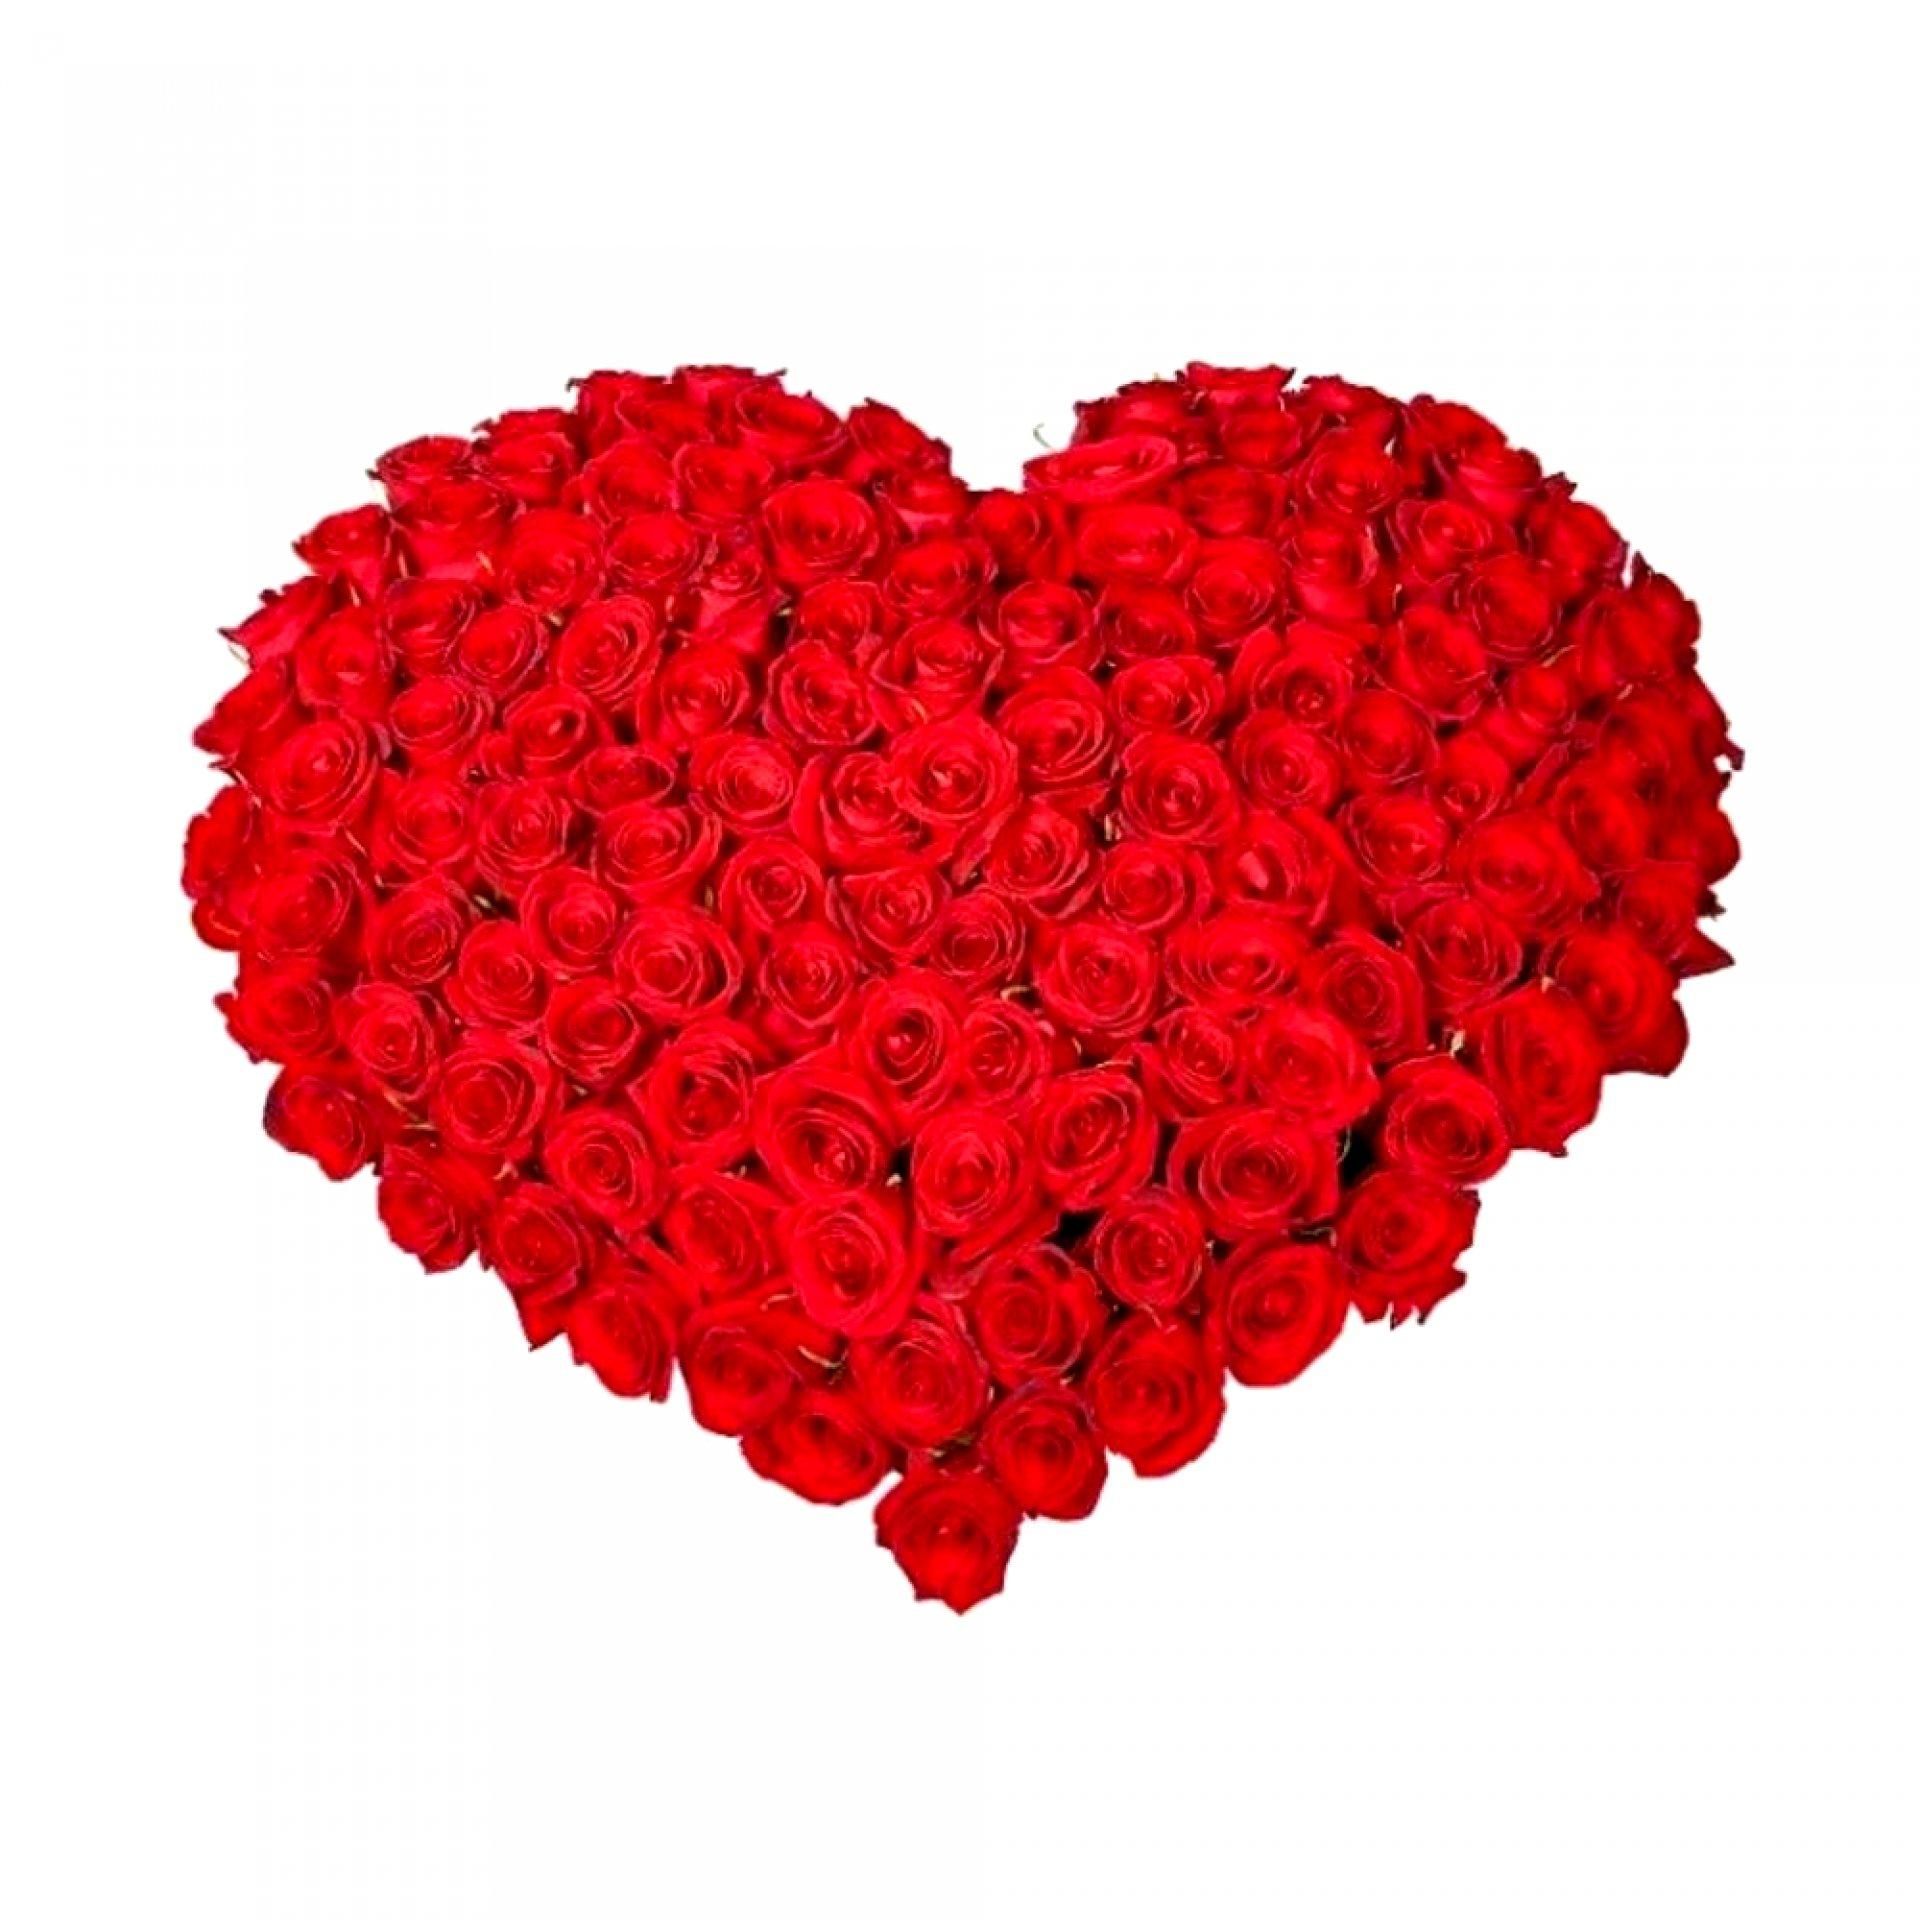 Сердце из красных роз (101 шт)